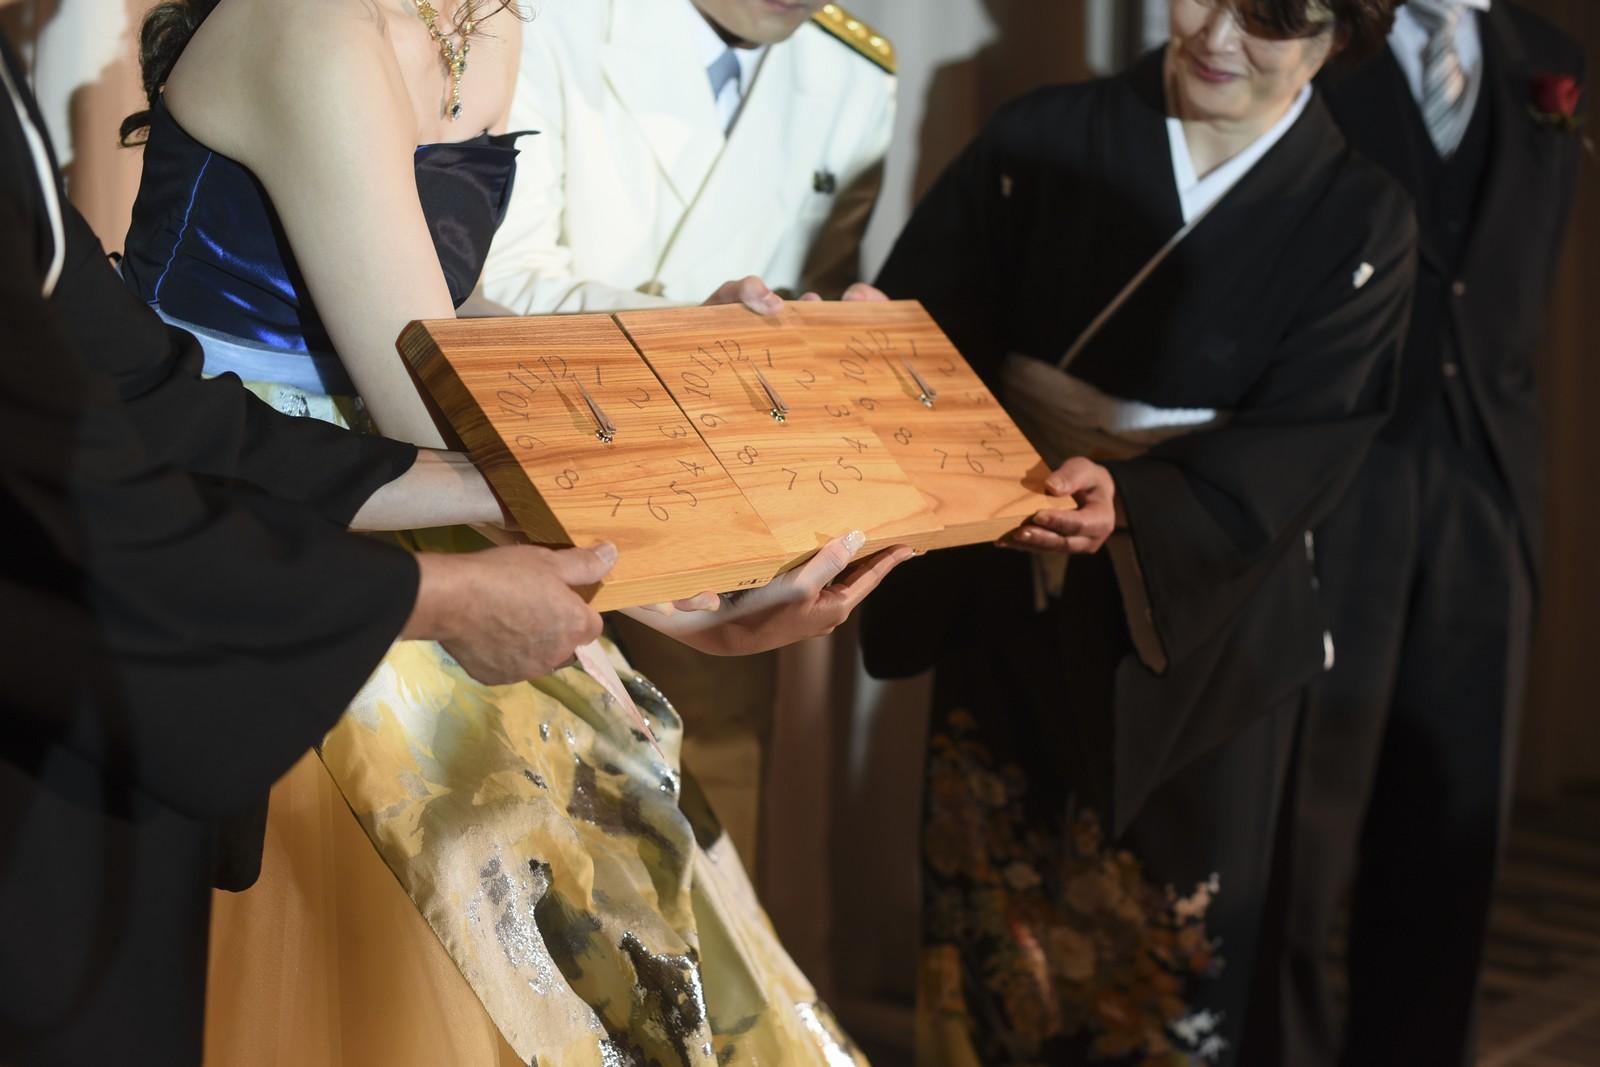 徳島市の結婚式場ブランアンジュで一つの木から作られた3連時計を披露する新しいご家族